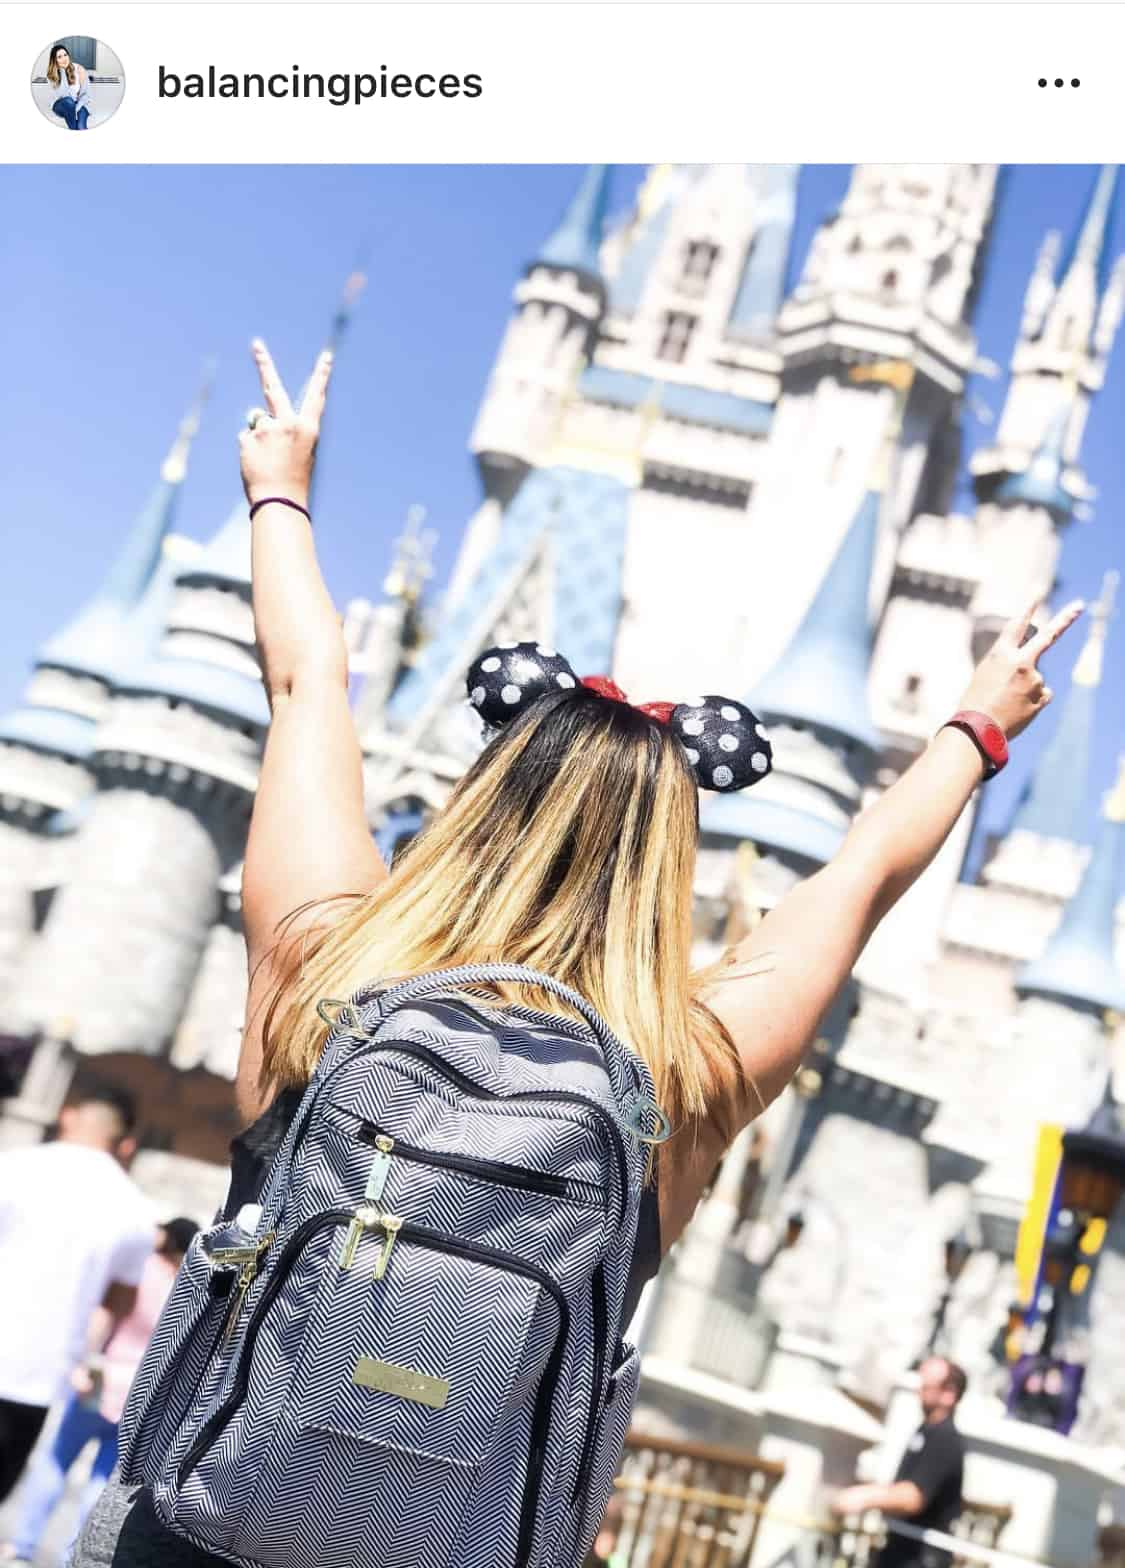 The Best Selfie Spots in Disney